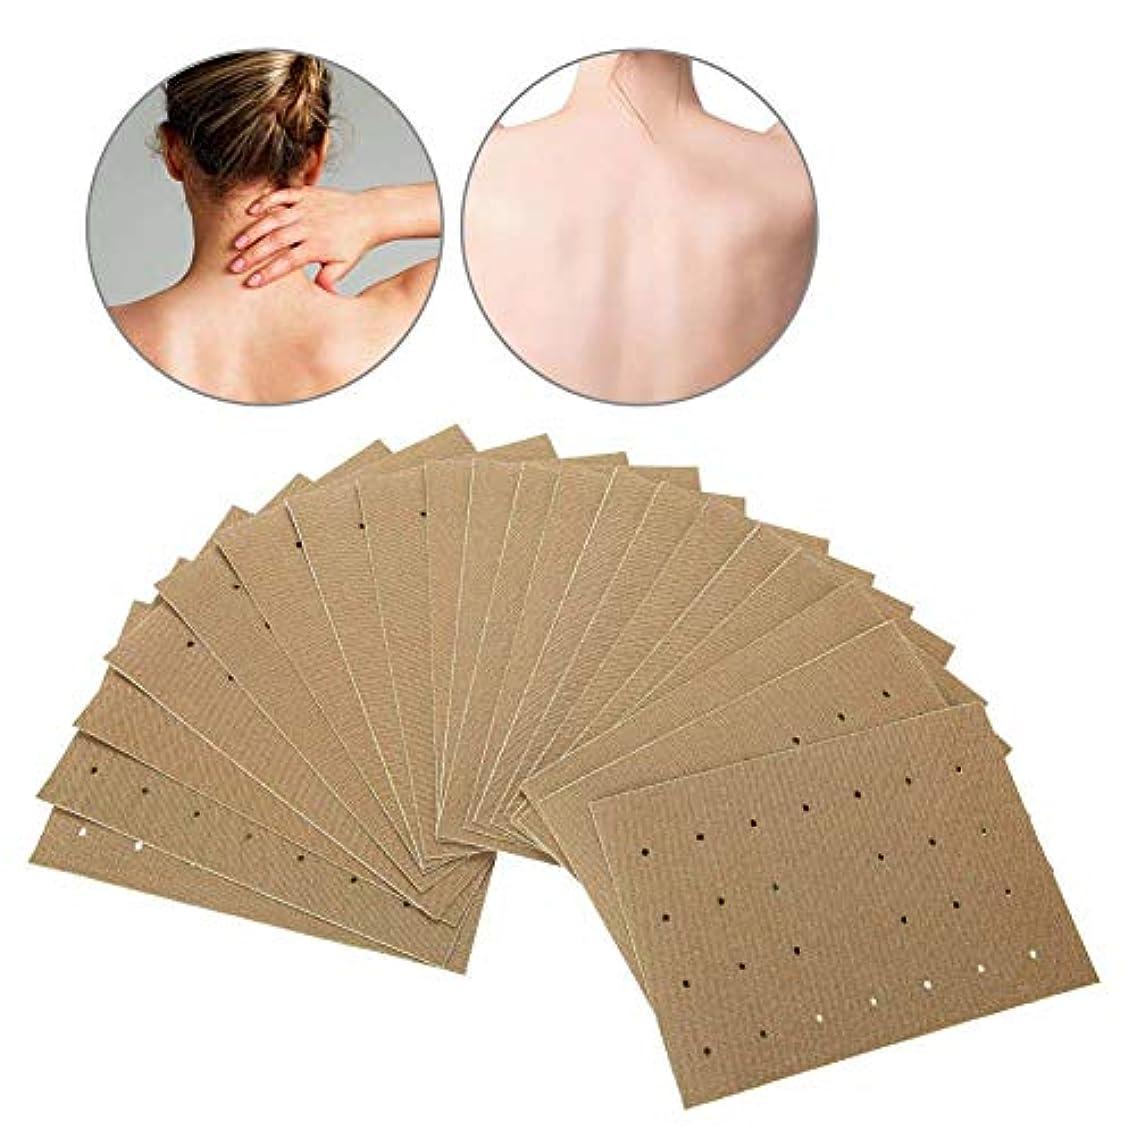 状編集するレシピパッチ灸ステッカー 自己発熱 痛み緩和 ネックショルダーバック痛み緩和 首 背中 腹に適用 20個/箱